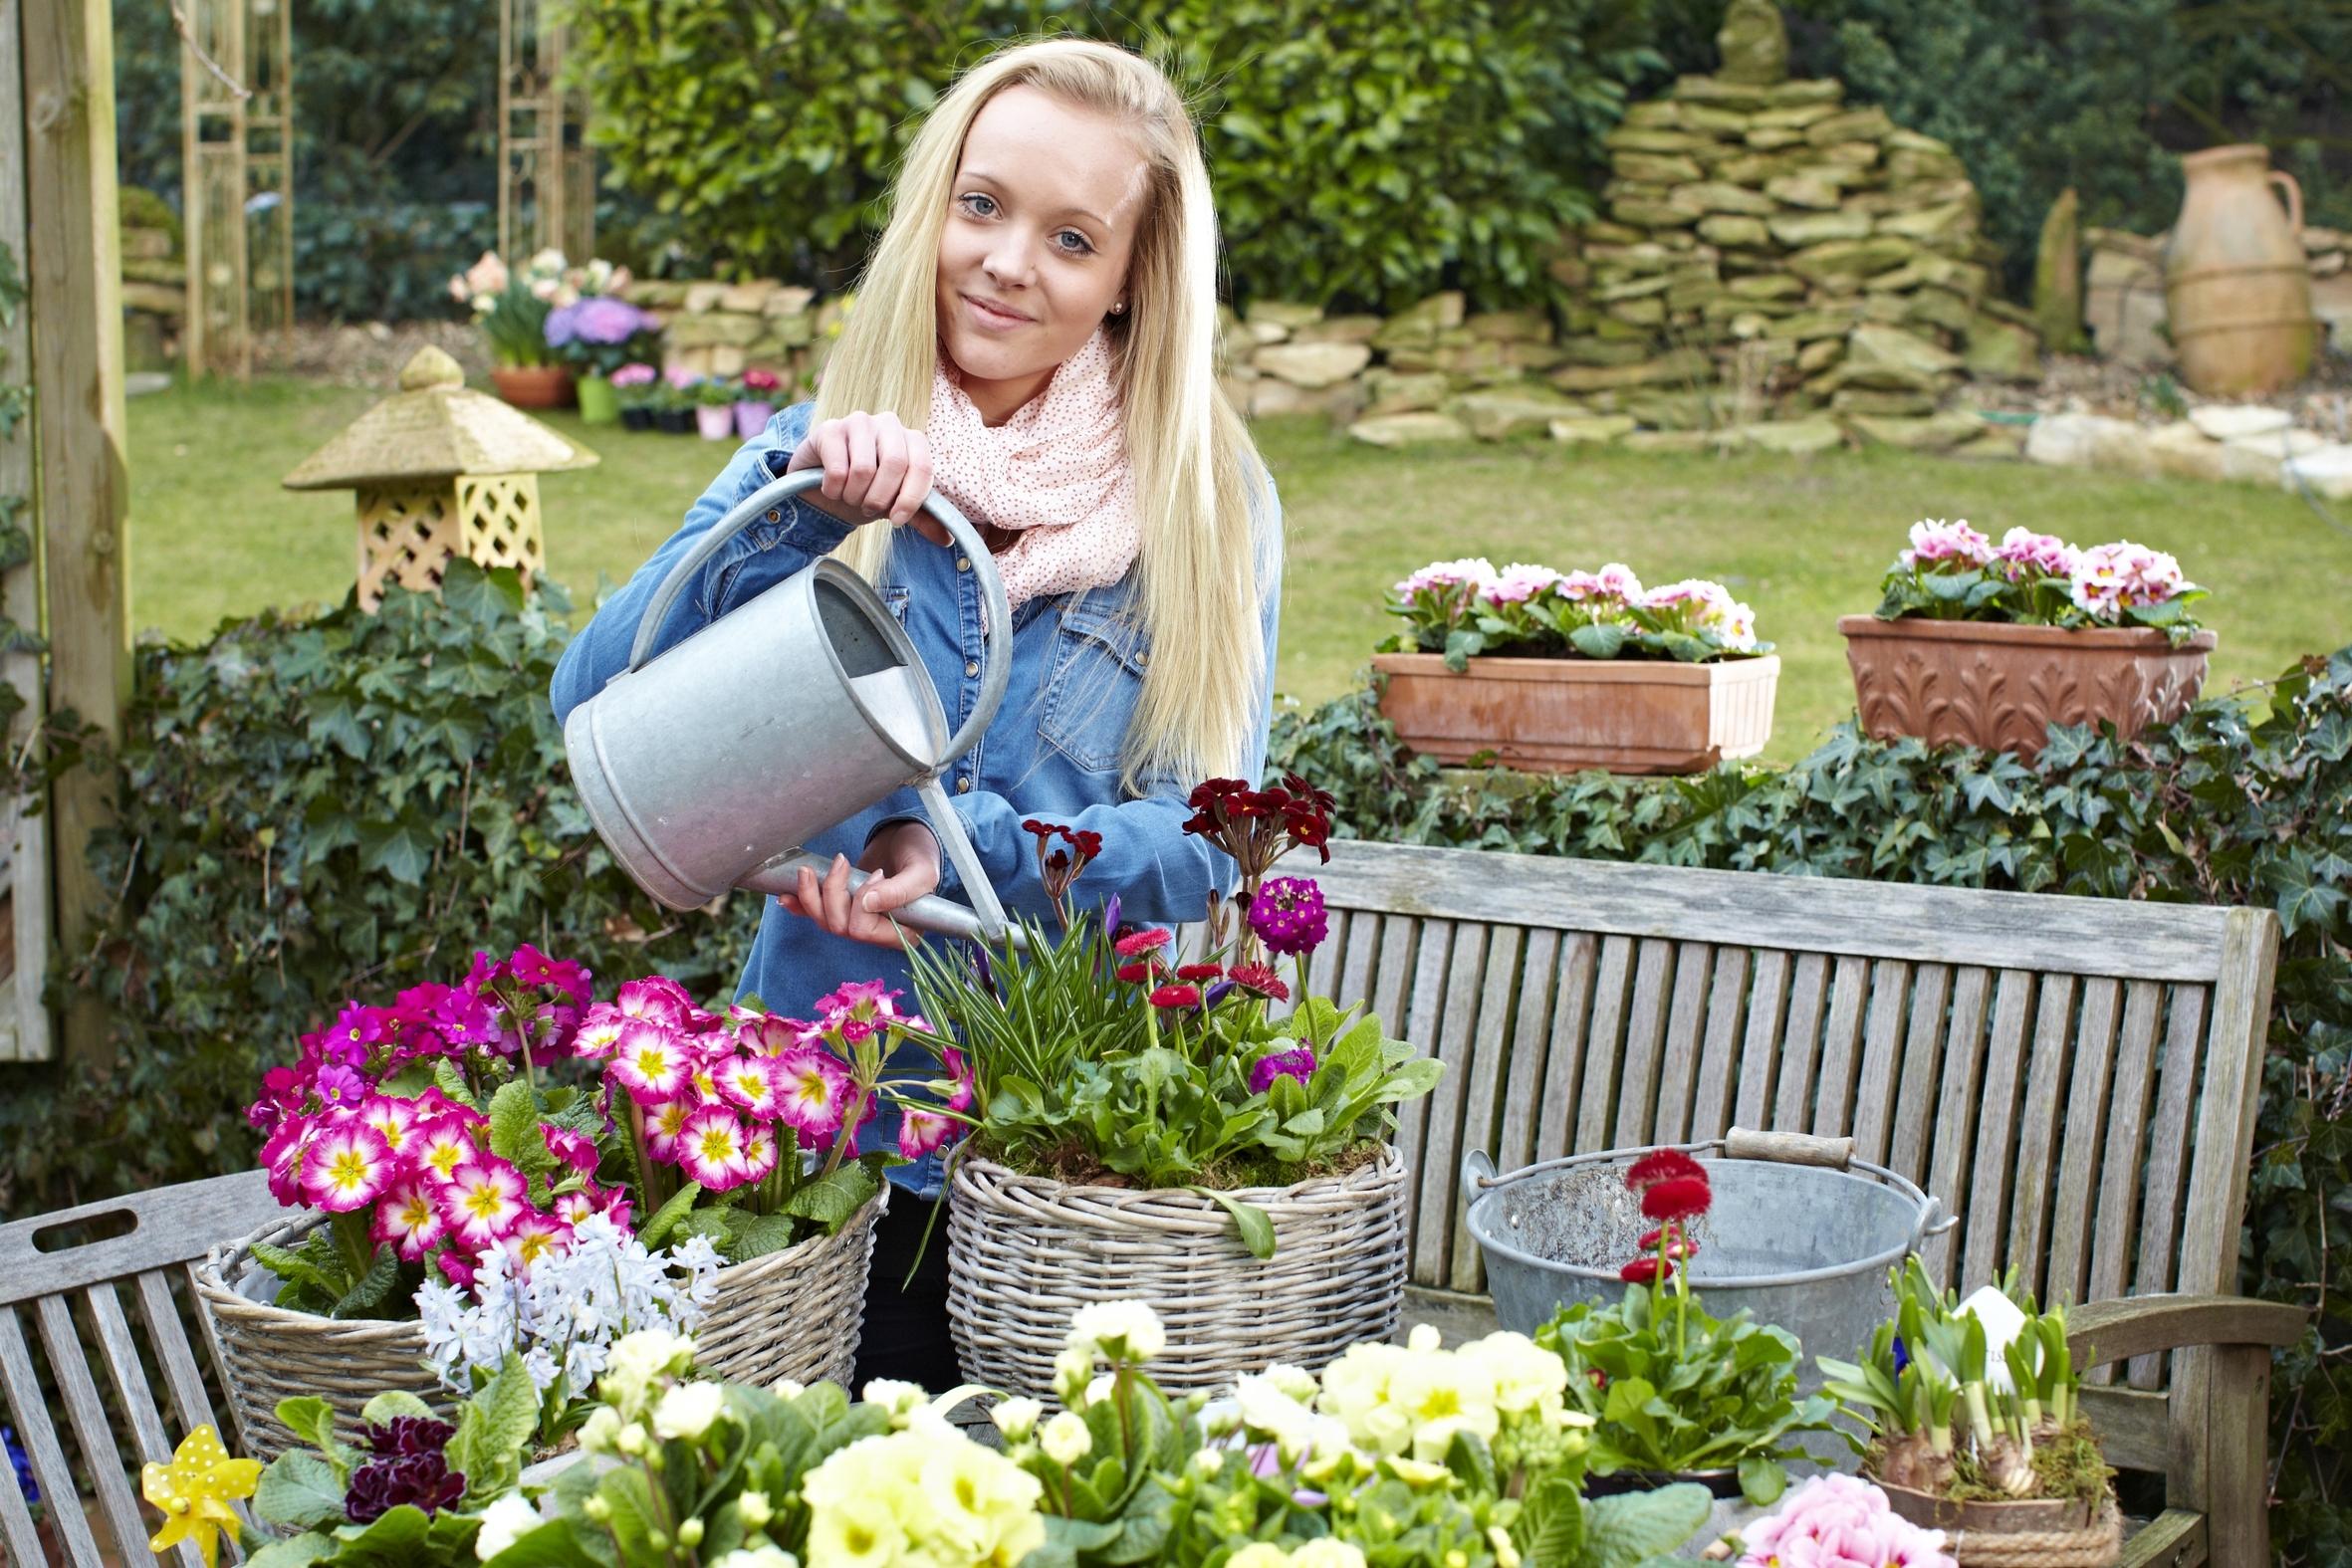 Das Leben im Freien erwacht: Blüten wecken Frühlingsgefühle